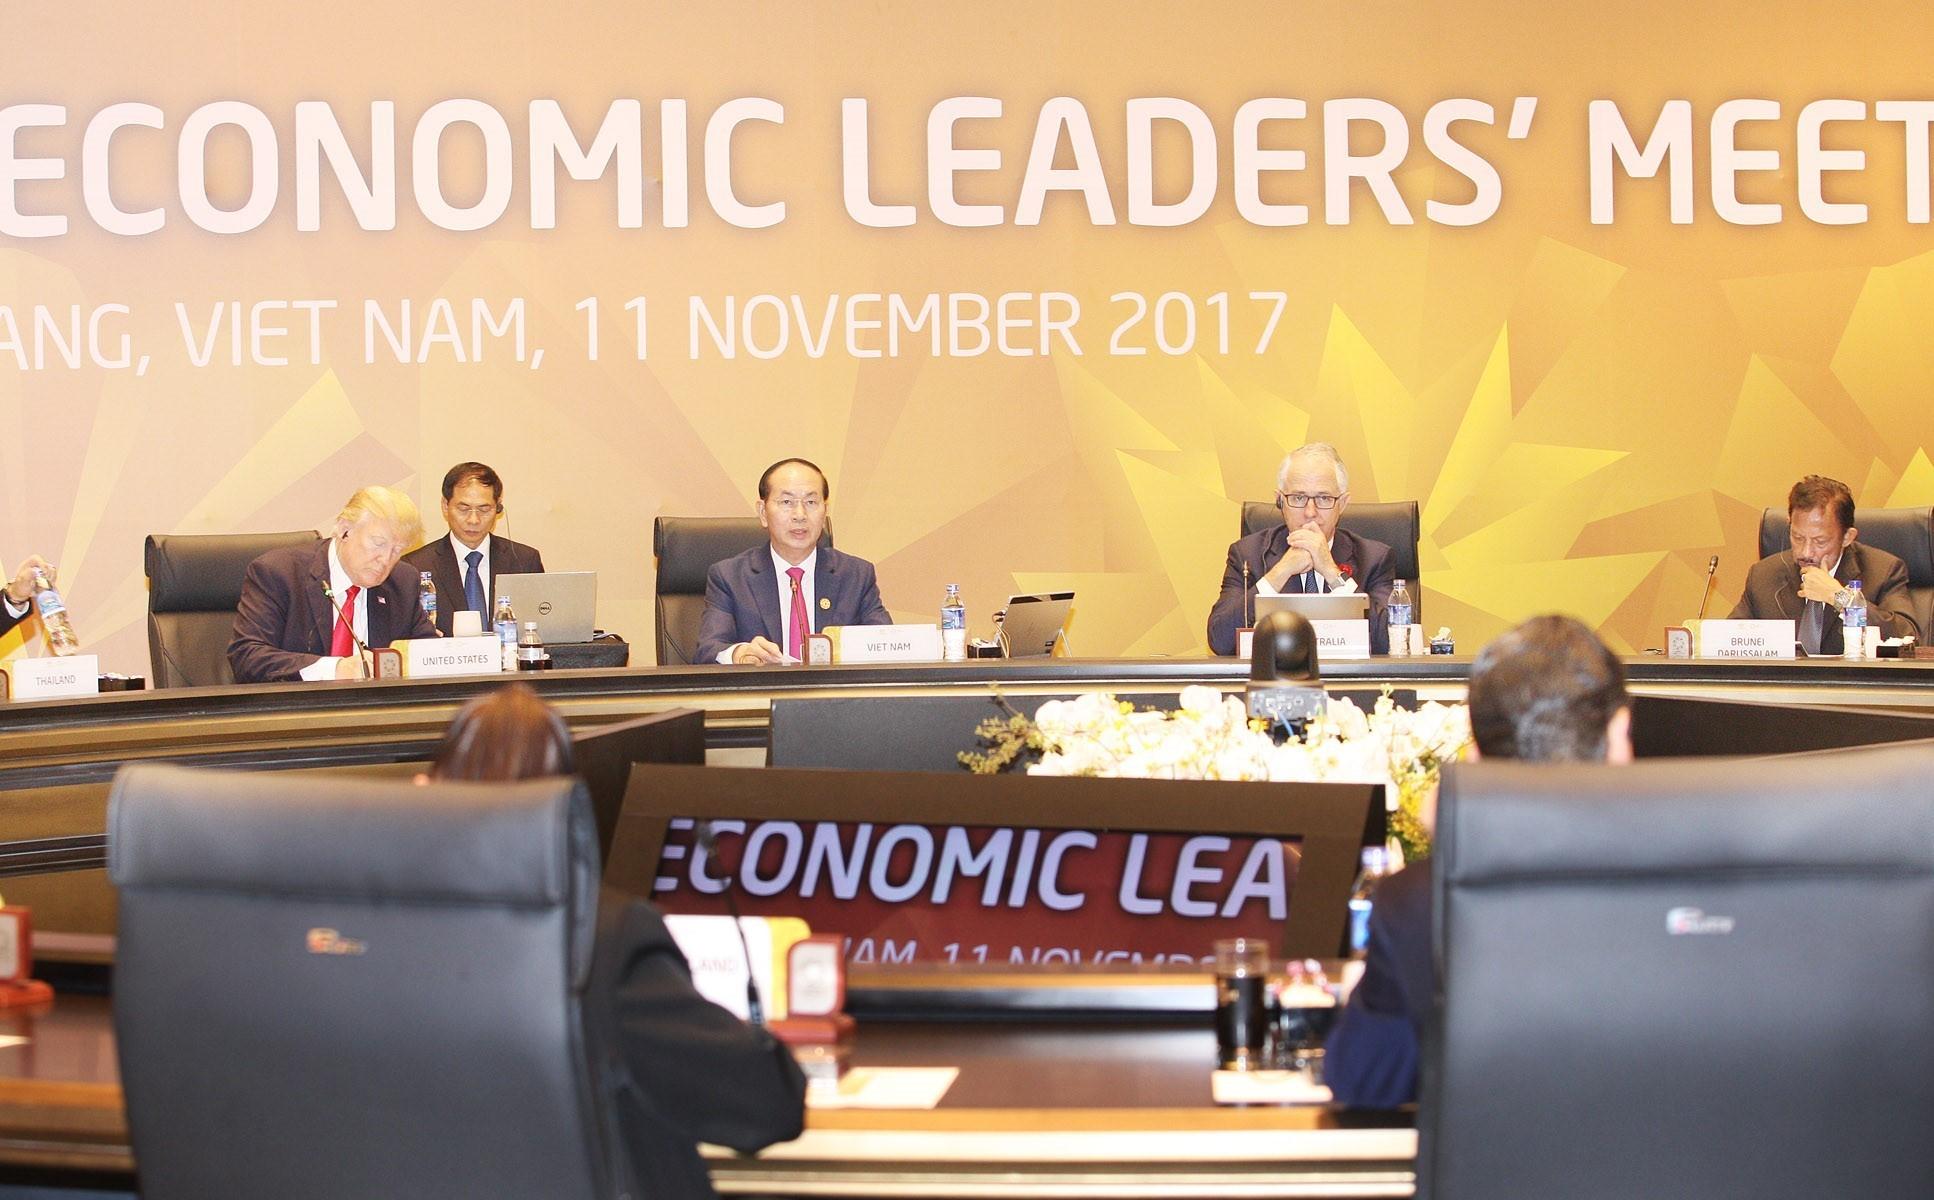 APEC 2017: Phiên h?p kín th? nh?t H?i ngh? các Nhà lãnh ??o Kinh t? APEC l?n th? 25